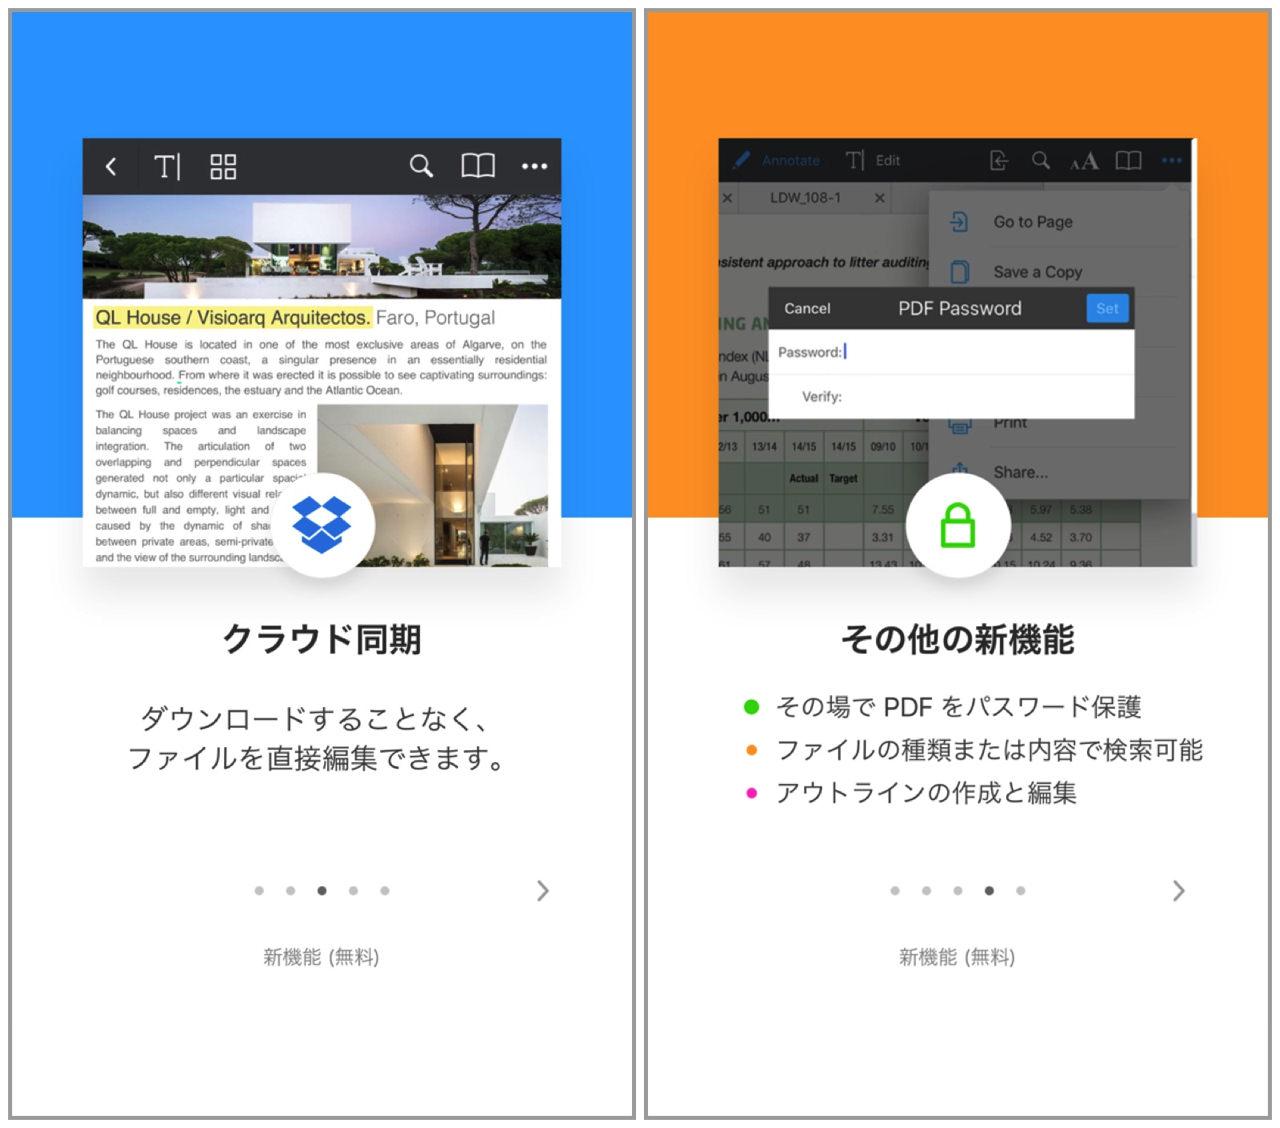 iPhone/iPadアプリ ― PDFの閲覧・編集・注釈は「PDF Expert 6